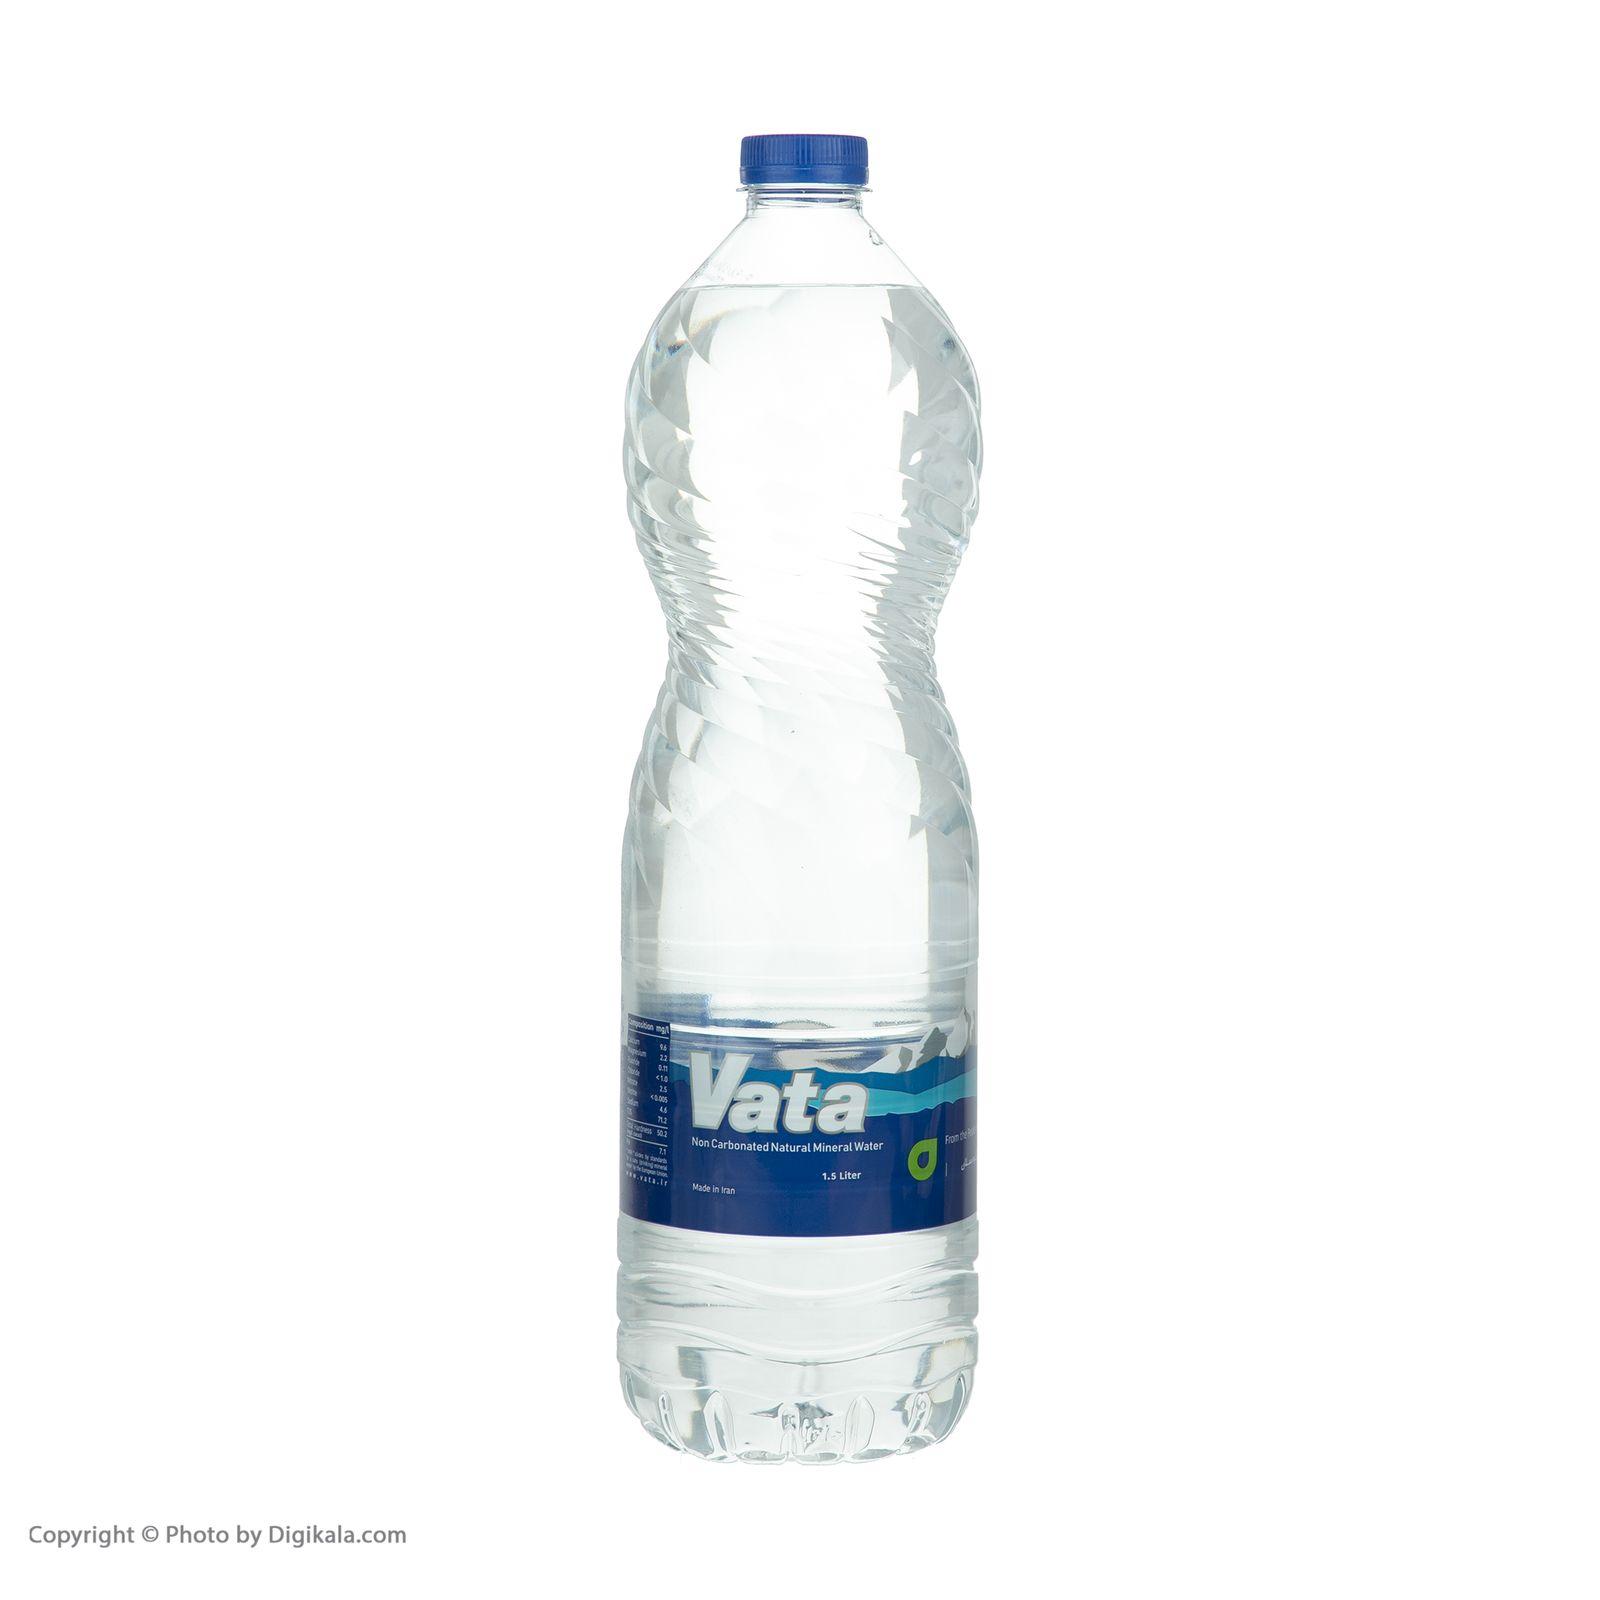 آب معدنی واتا حجم 1500 میلی لیتر بسته 6 عددی main 1 8